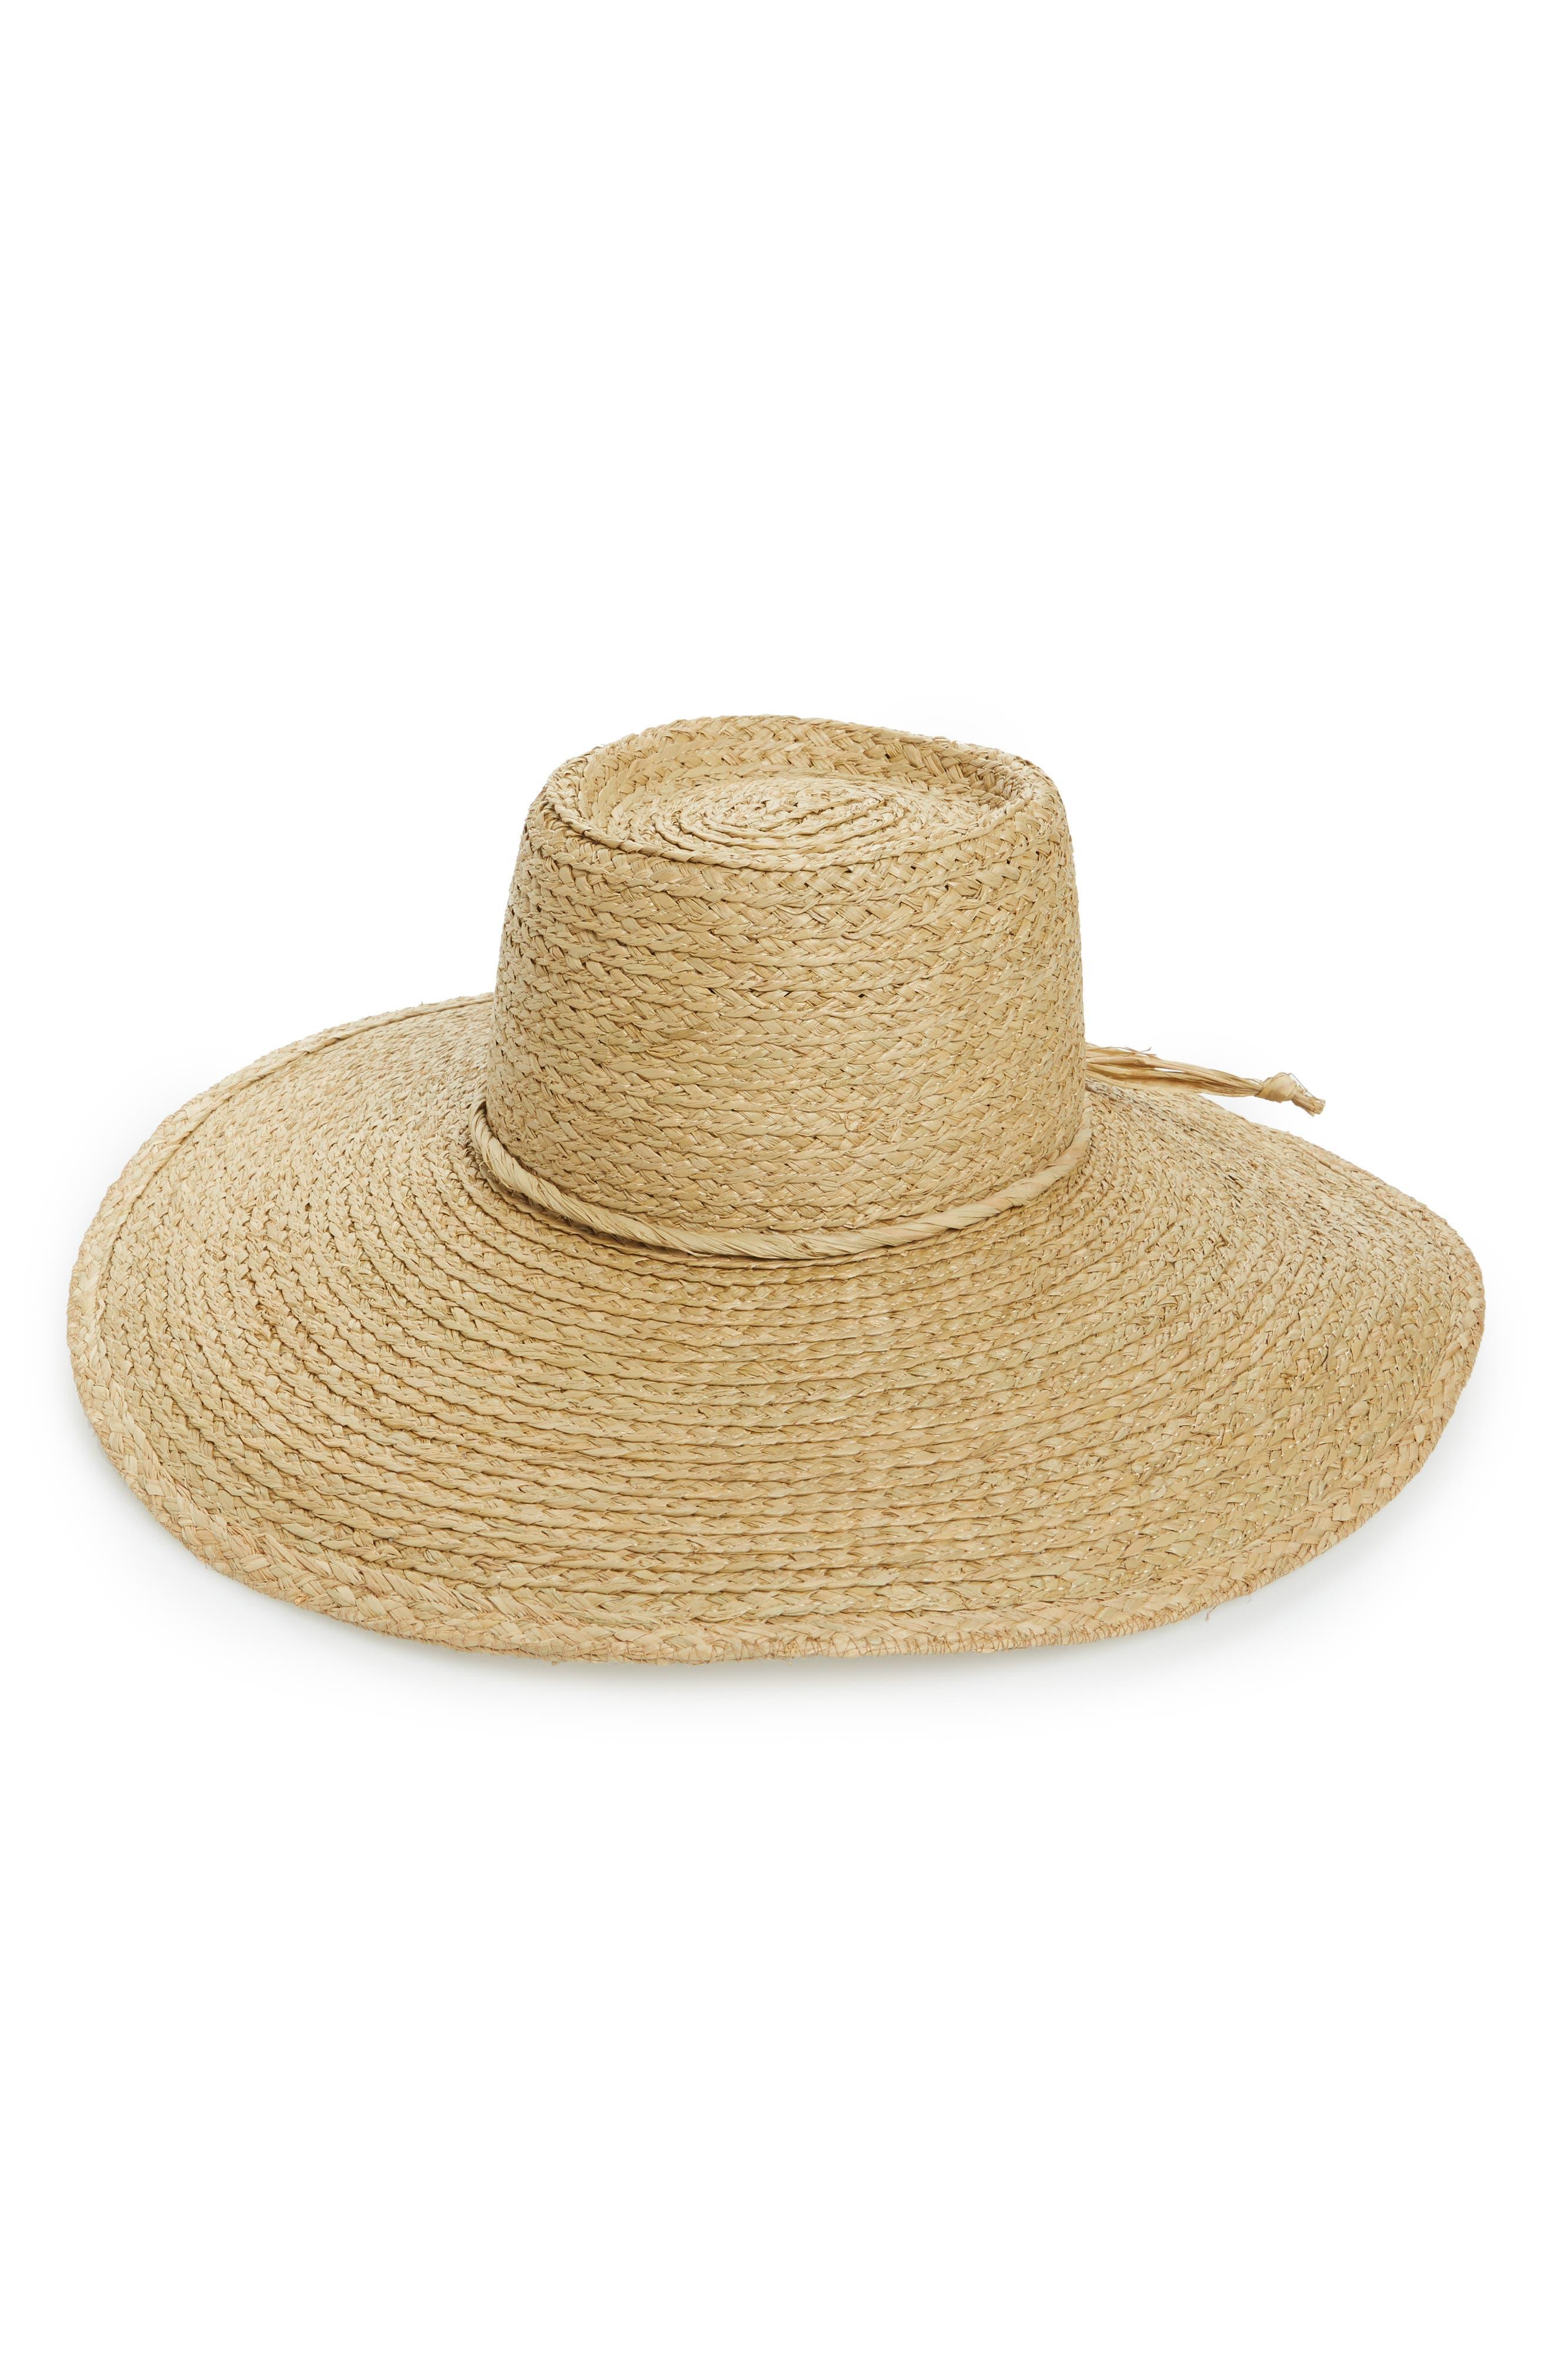 Paite Raffia Floppy Hat,                             Main thumbnail 1, color,                             250